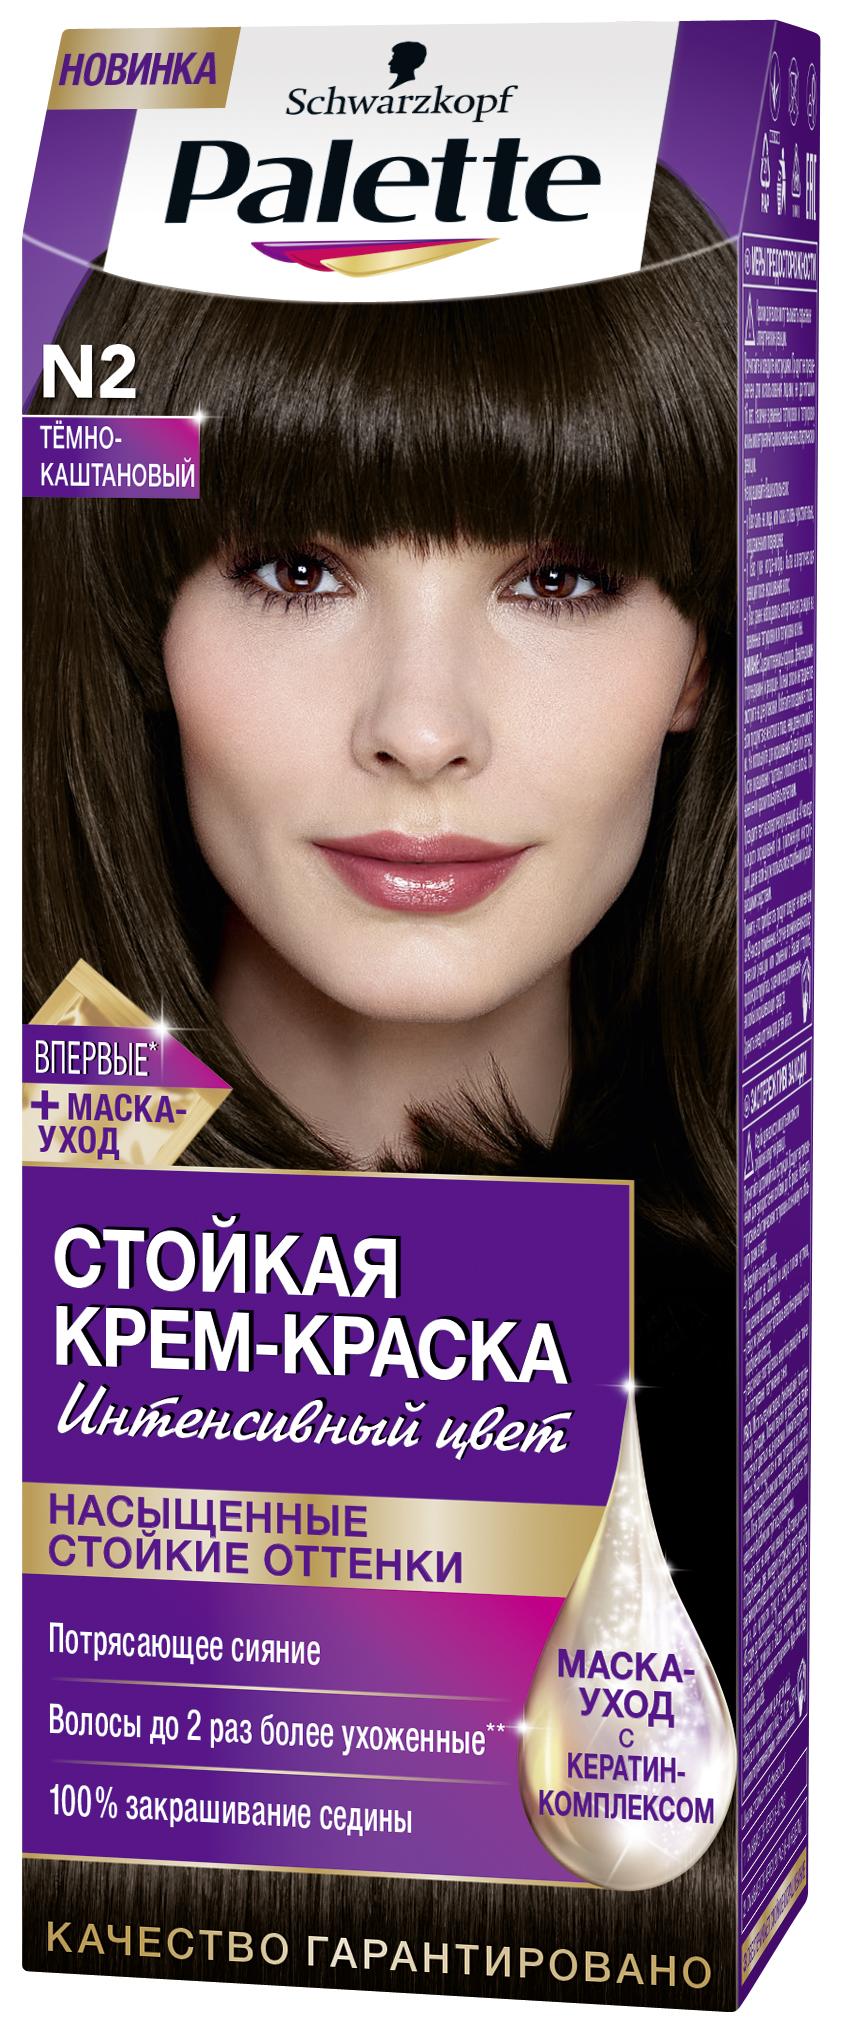 Palette Стойкая крем-краска N2 Тёмно-каштановый 110мл09350200Знаменитая краска для волос Palette при использовании тщательно окрашивает волосы, стойко сохраняет цвет, имеет множество разнообразных оттенков на любой, самый взыскательный, вкус.